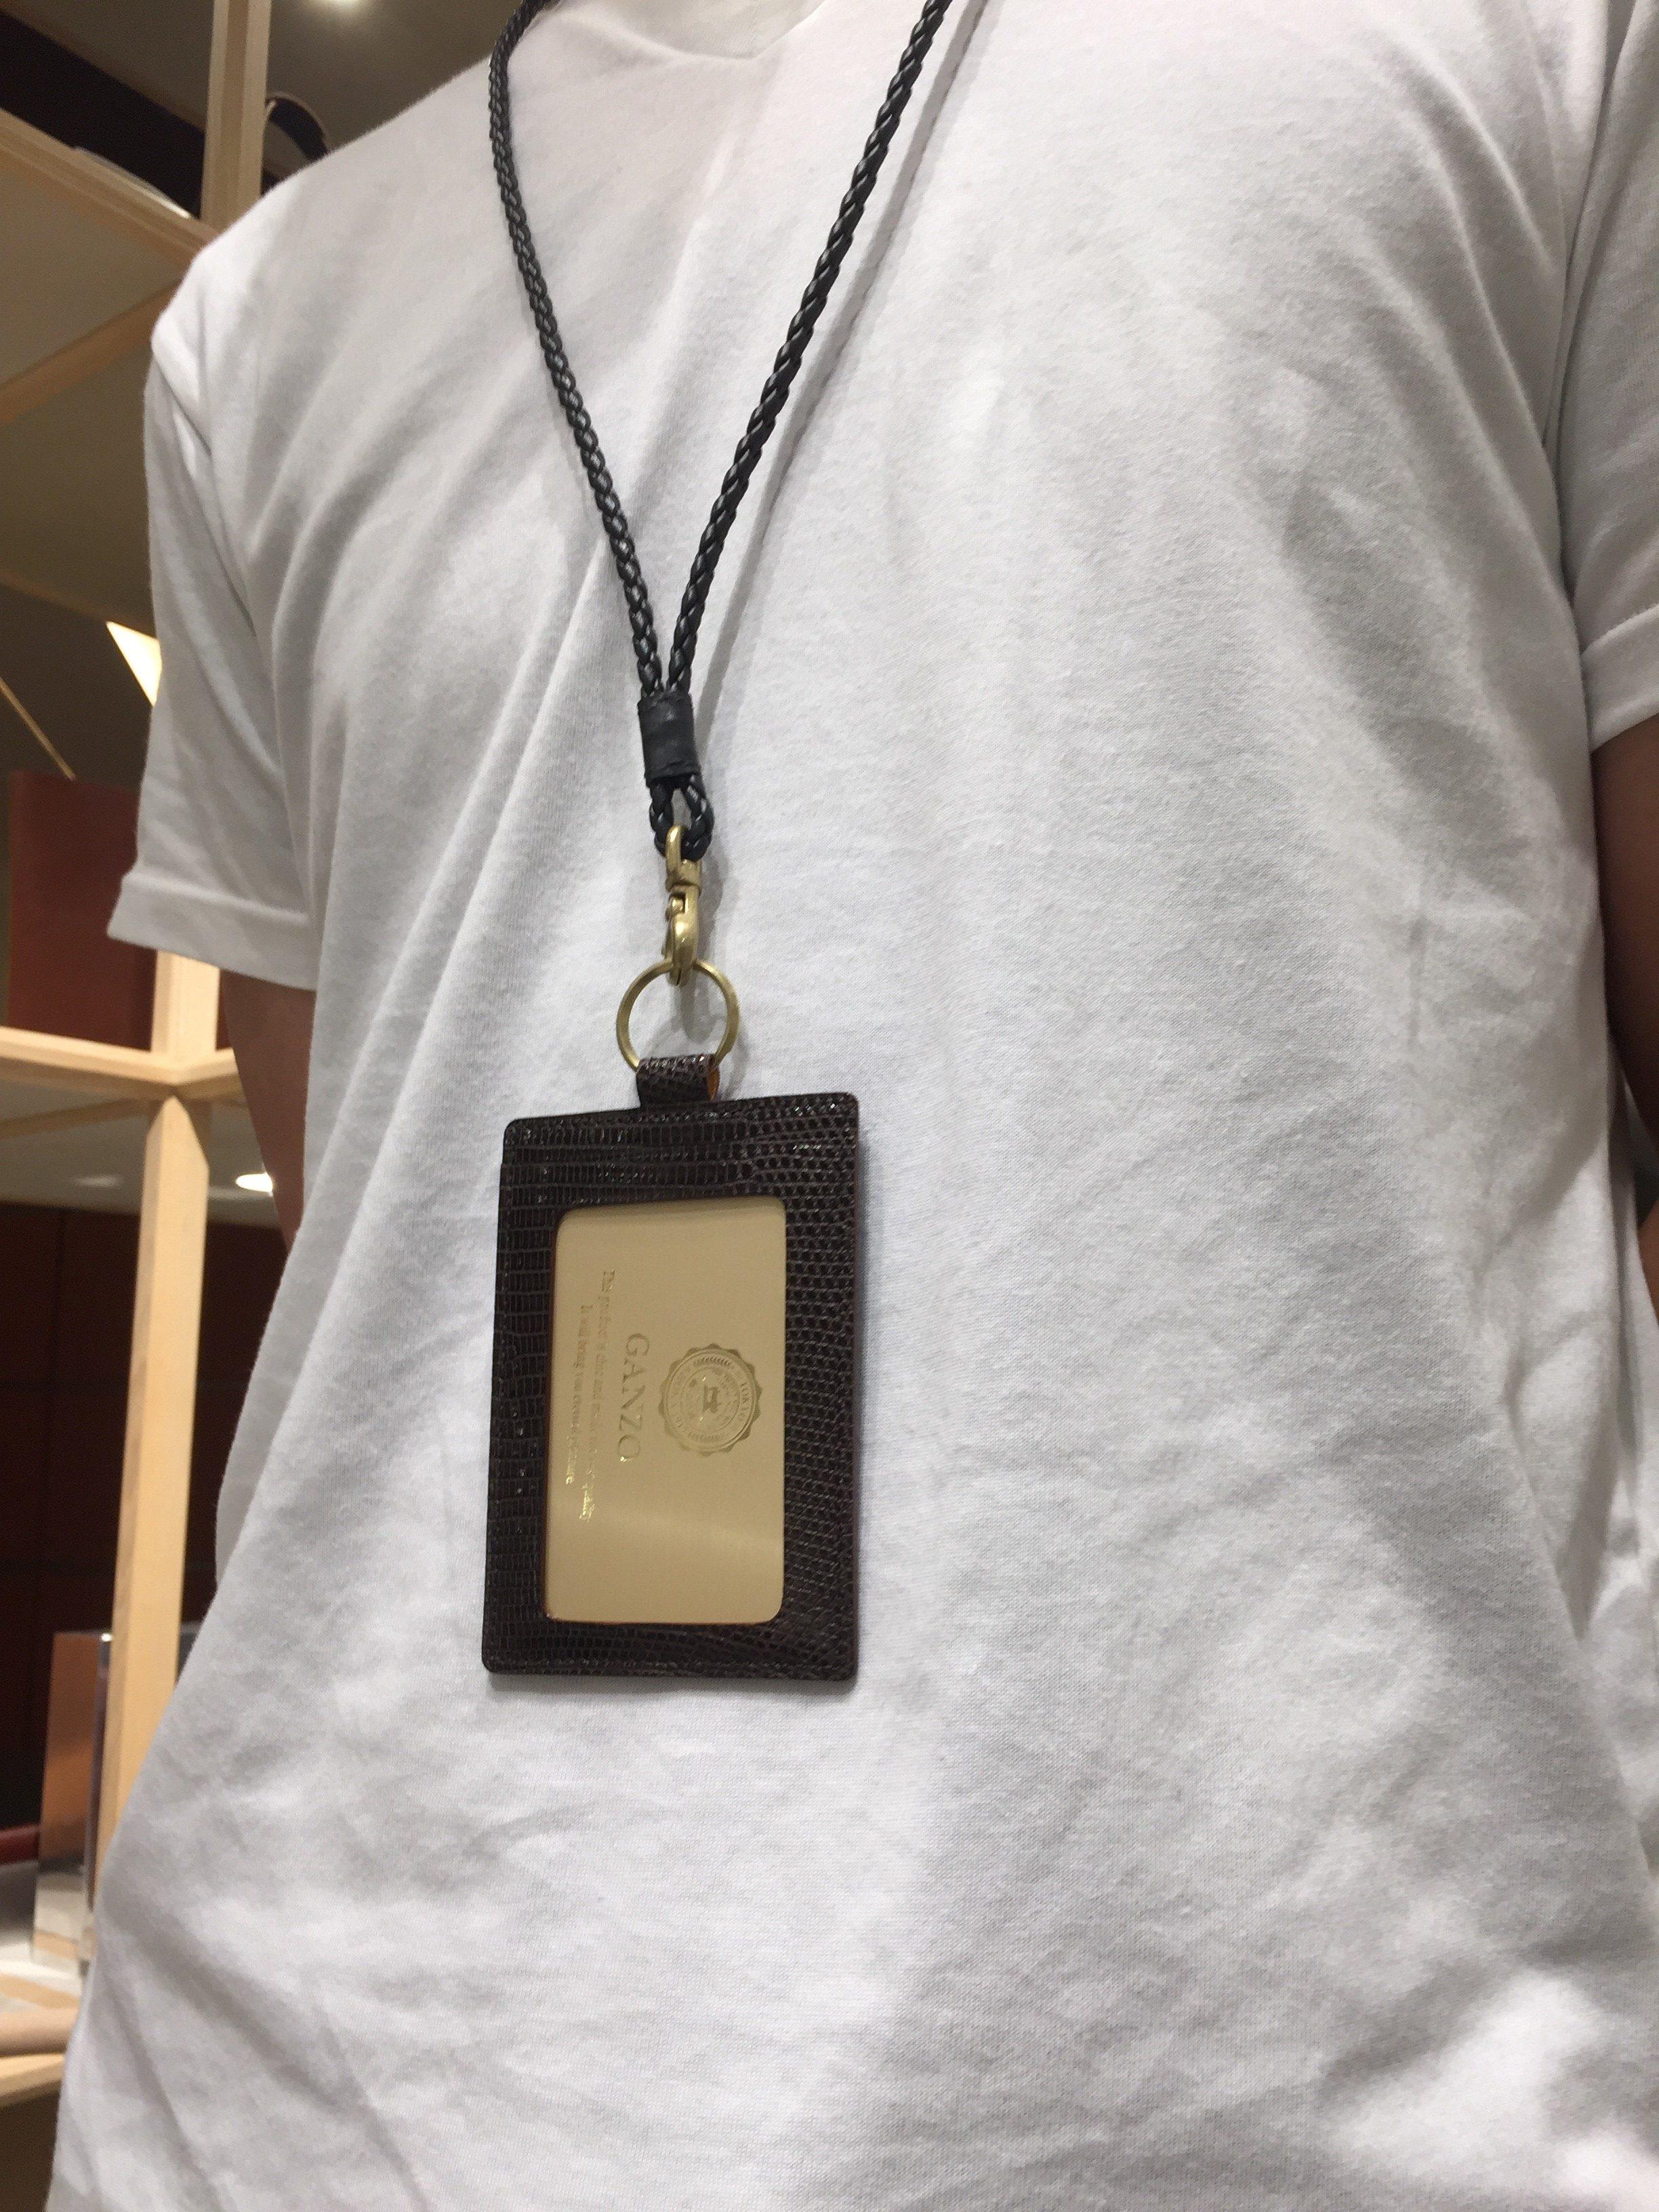 六本木店限定IDパスケース受注会開催中